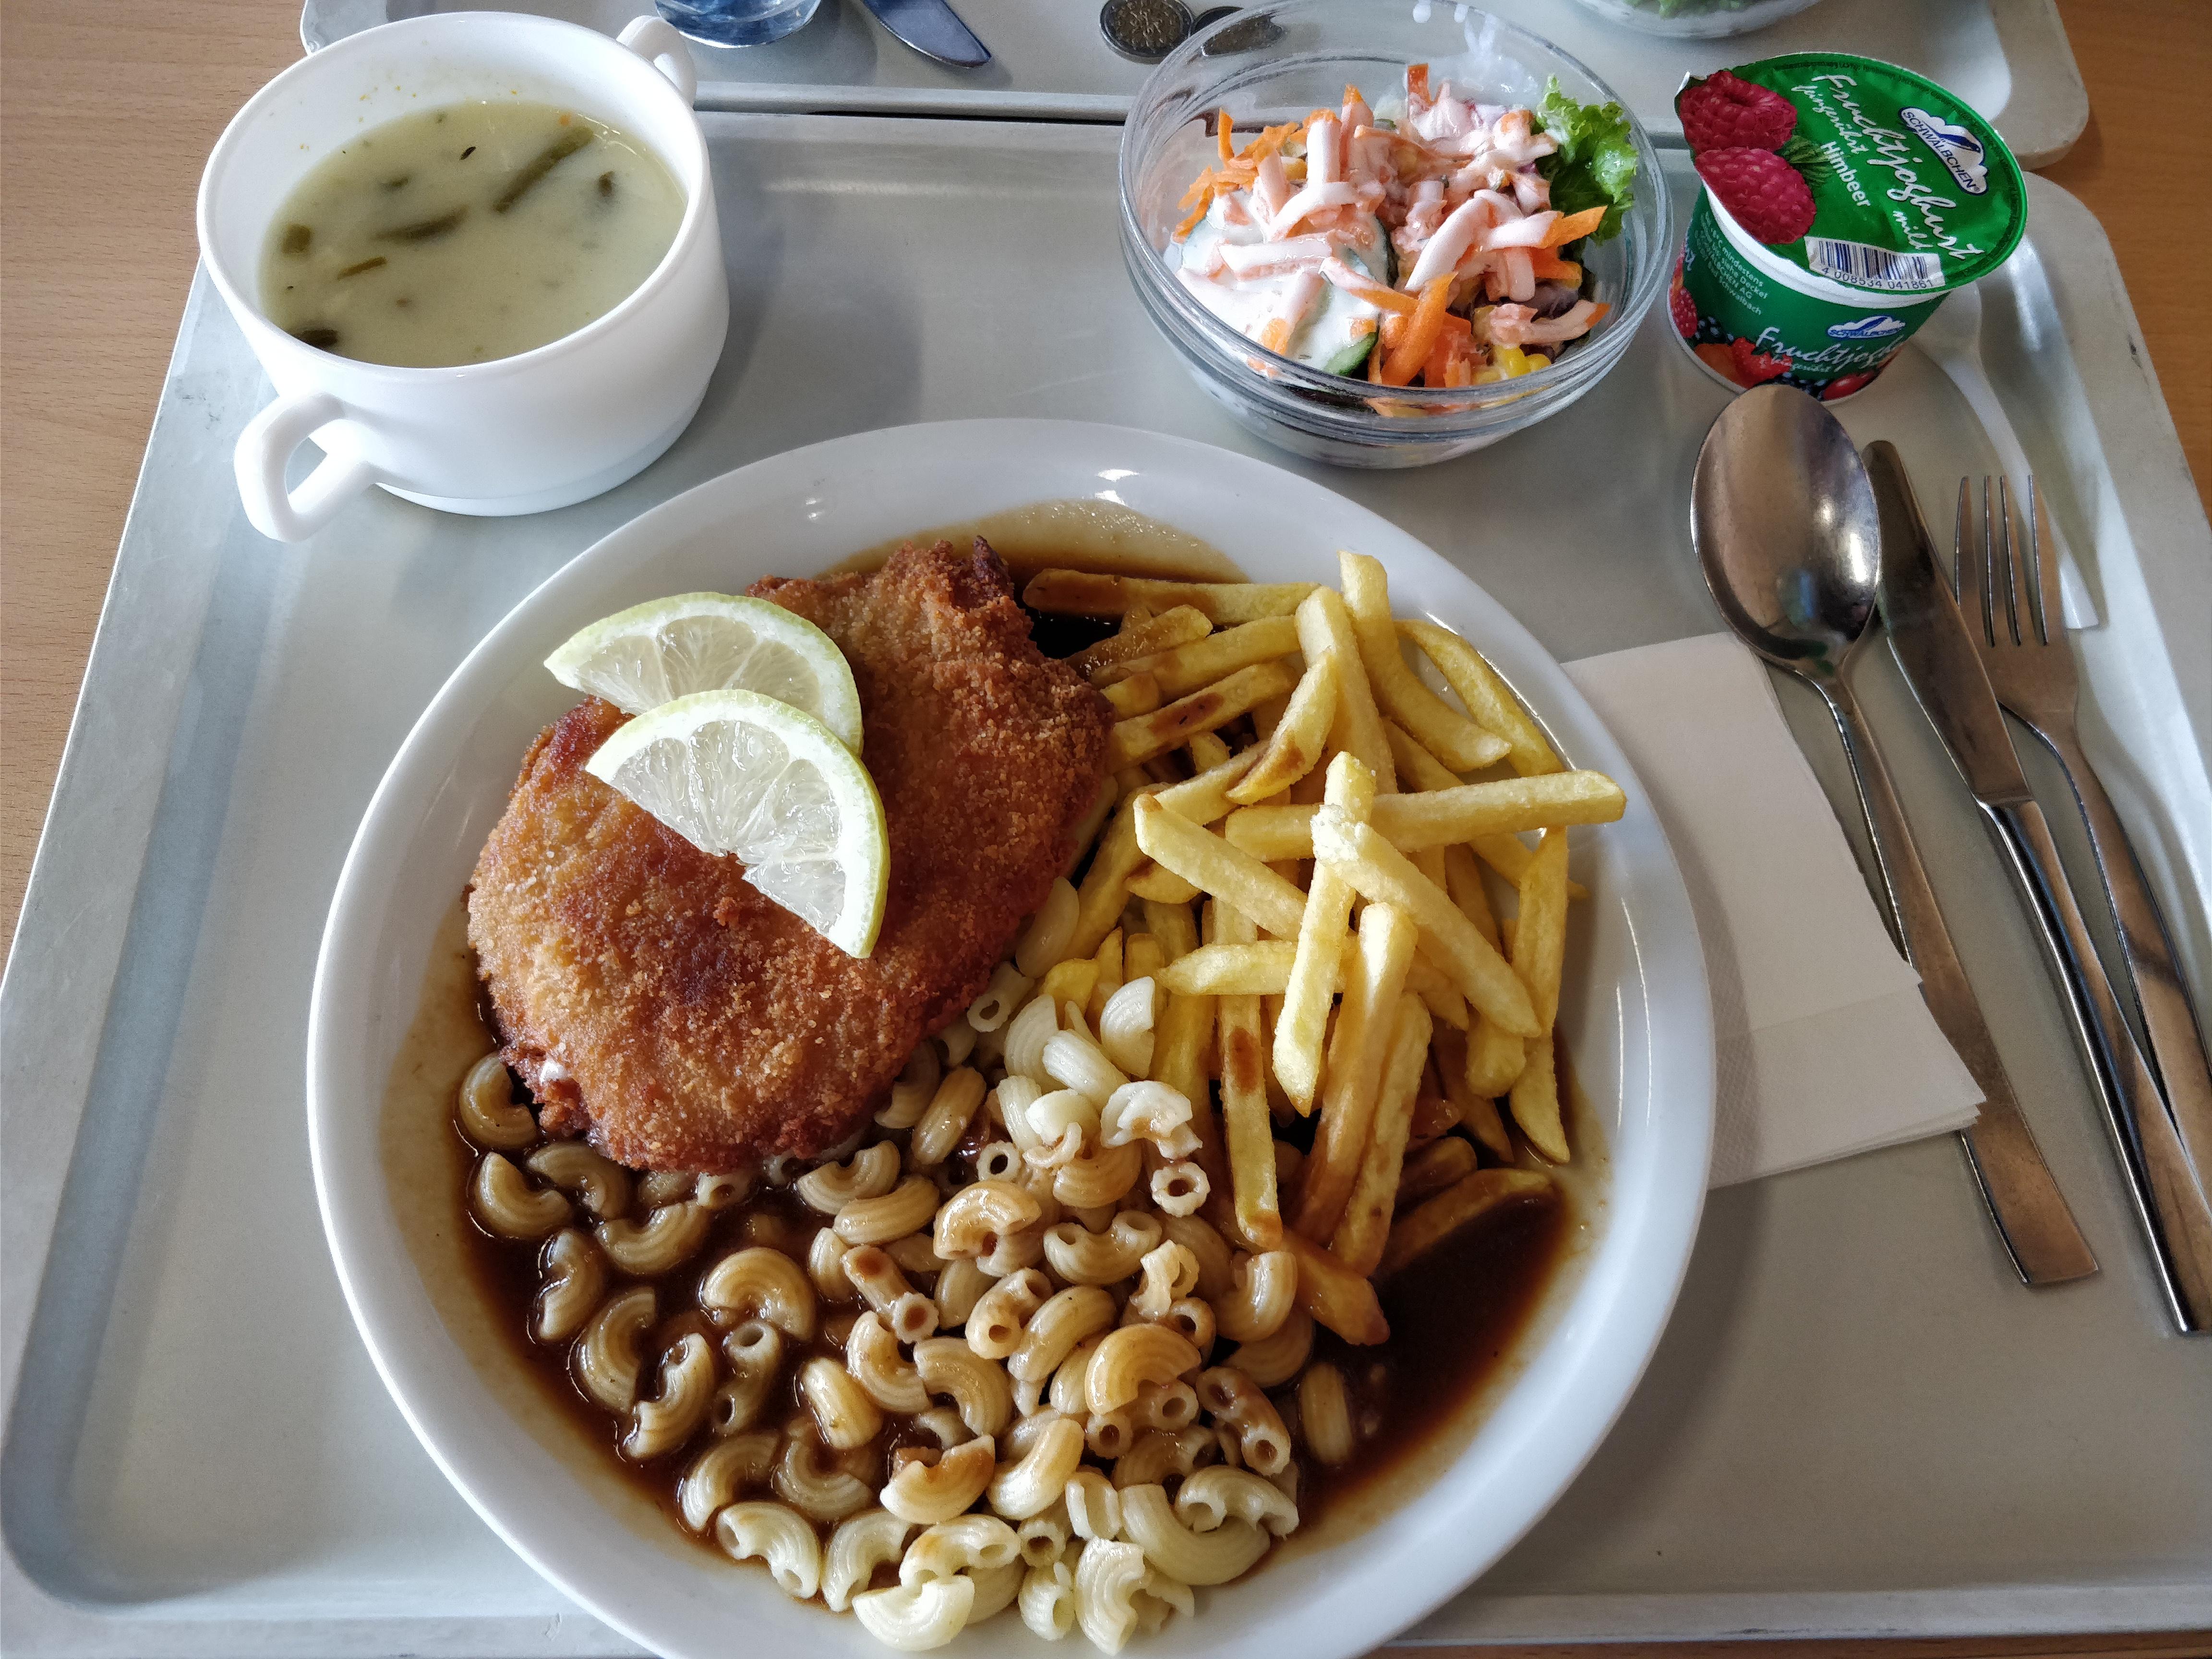 http://foodloader.net/nico_2017-08-03_cordon-bleu-pommes-nudeln-suppe-salat-nachtisch.jpg